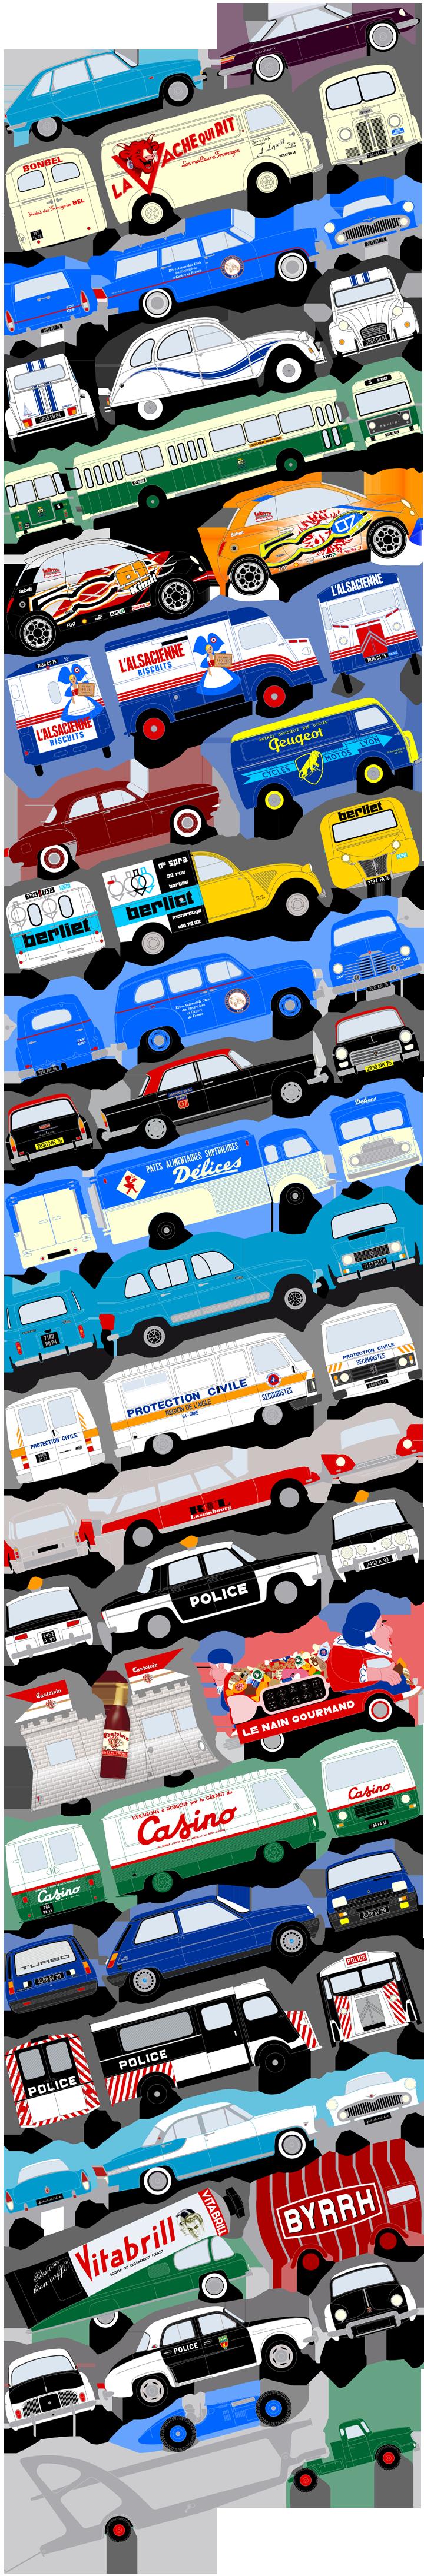 Artworks de véhicules (représentations de ceux-ci et de leurs décorations). Cliquez pour afficher en HD